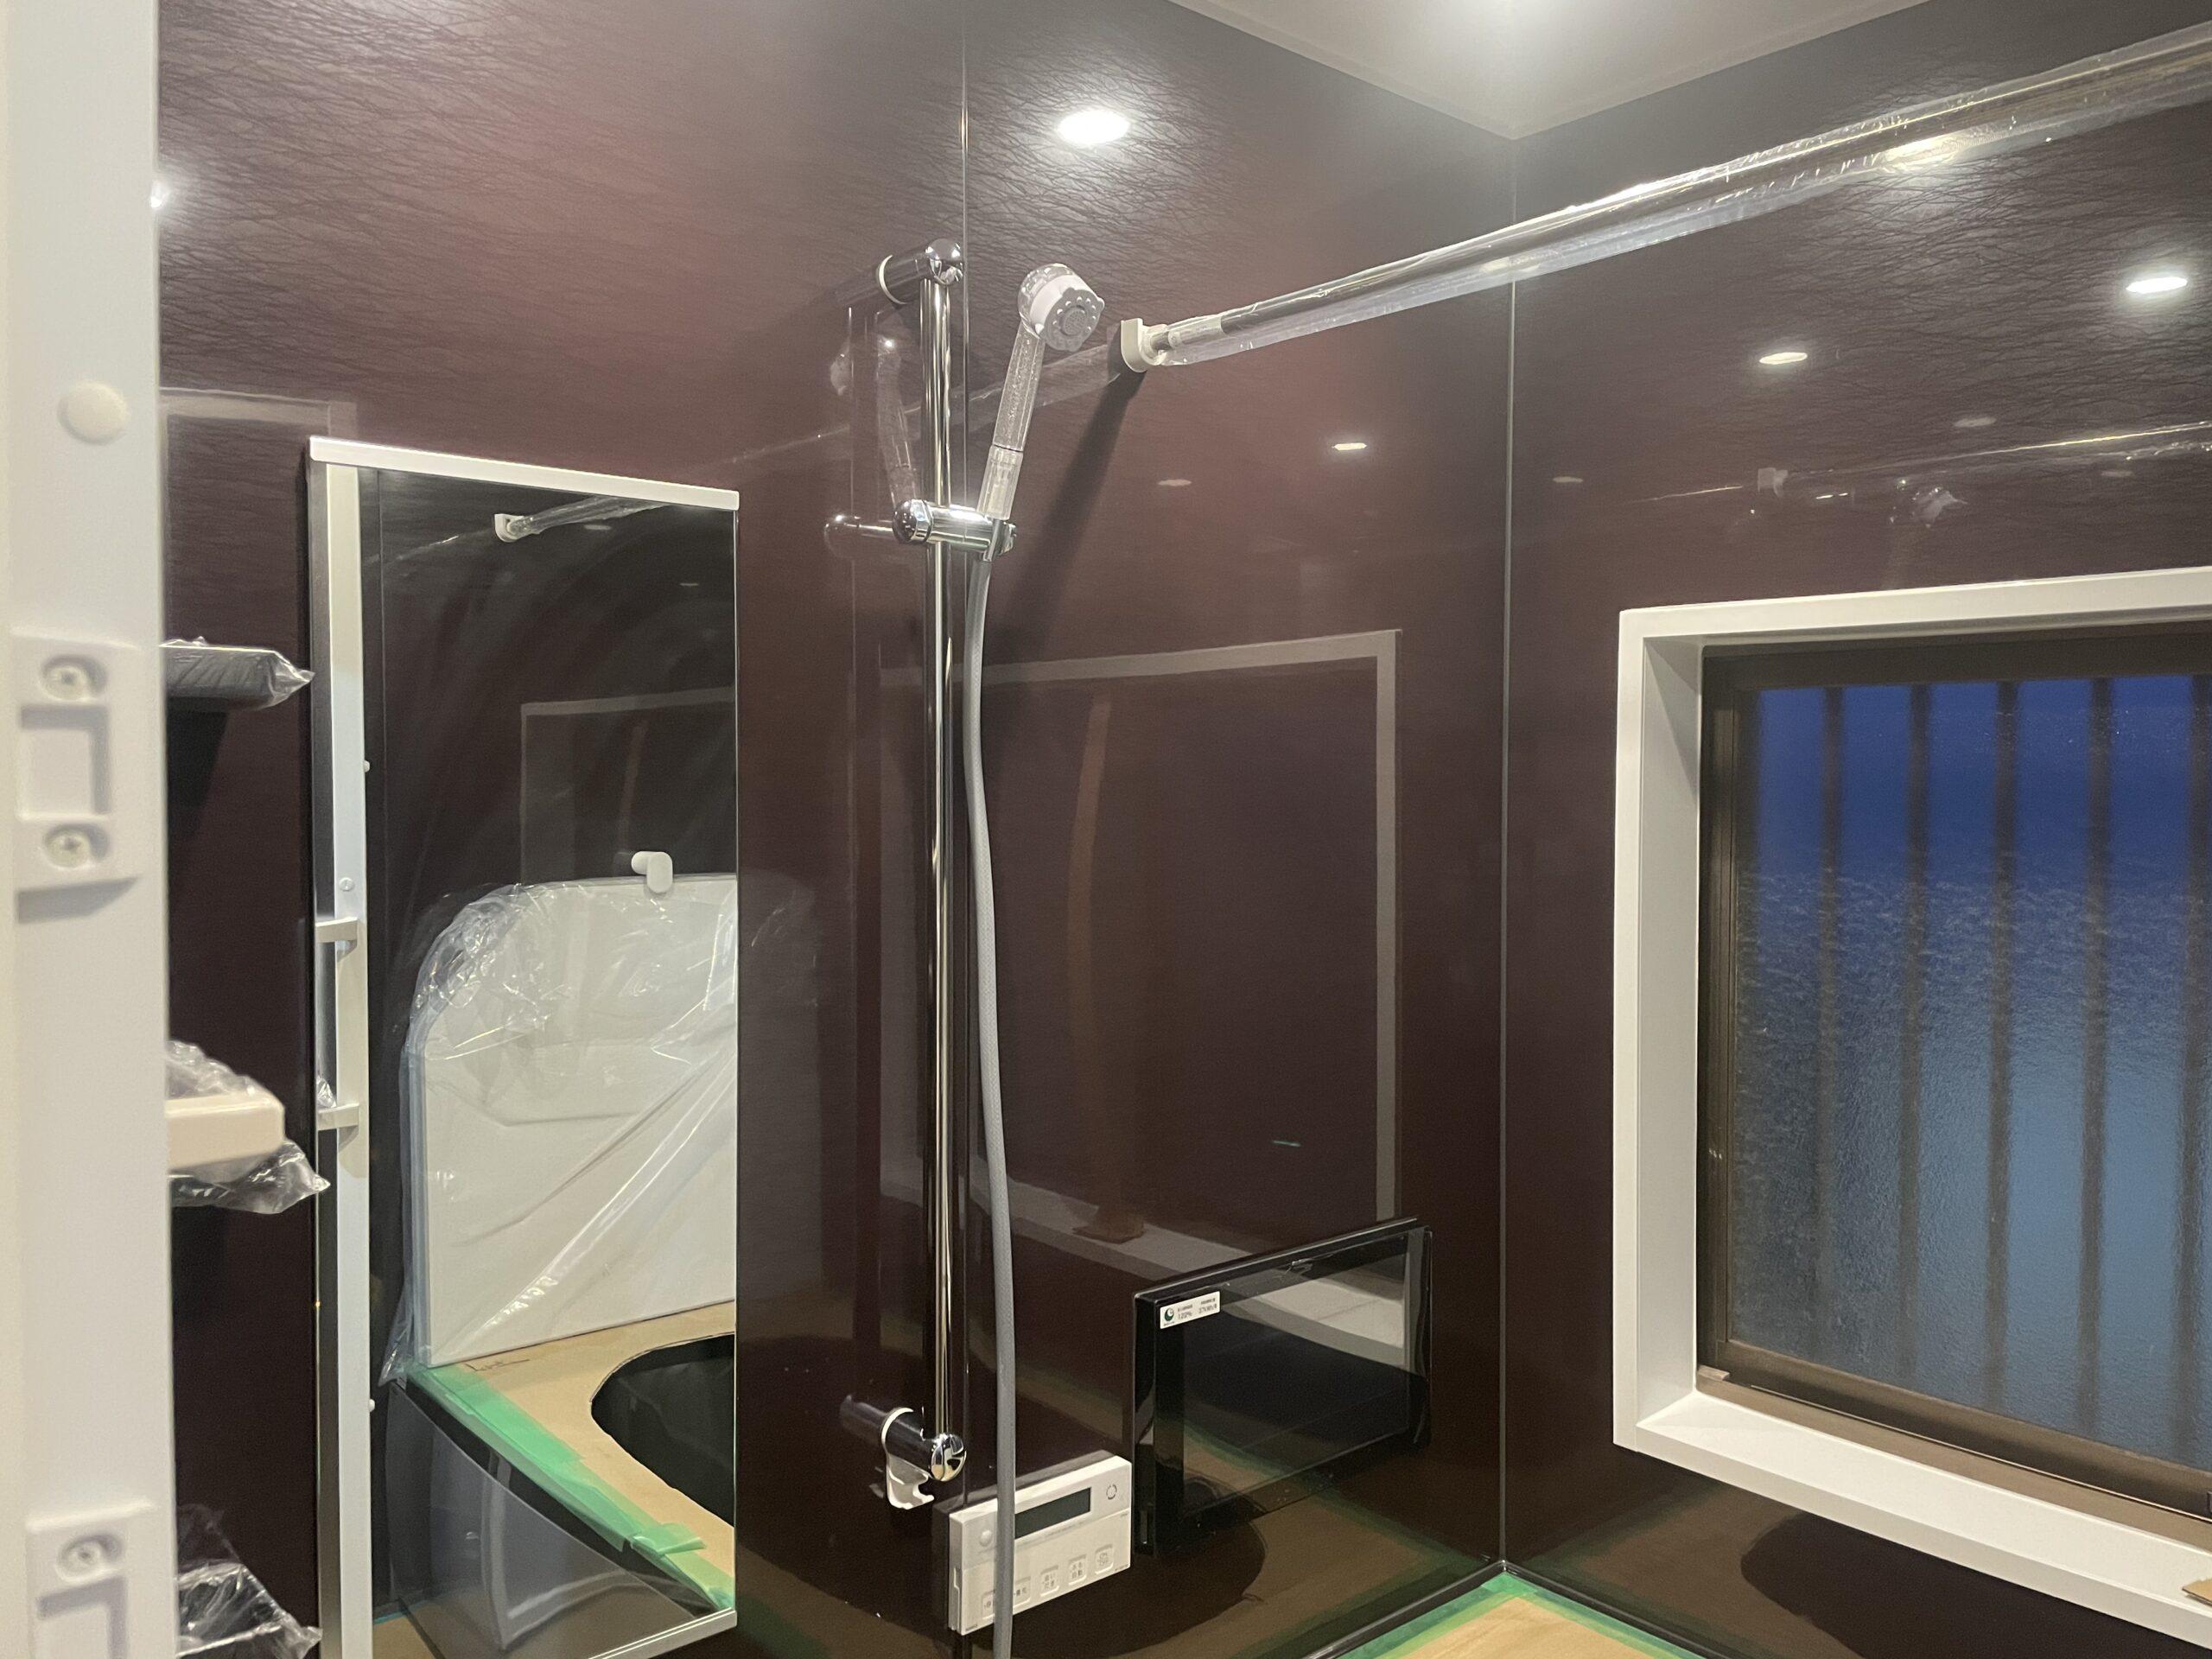 阿倍野区 浴室リフォーム 施工後⑧